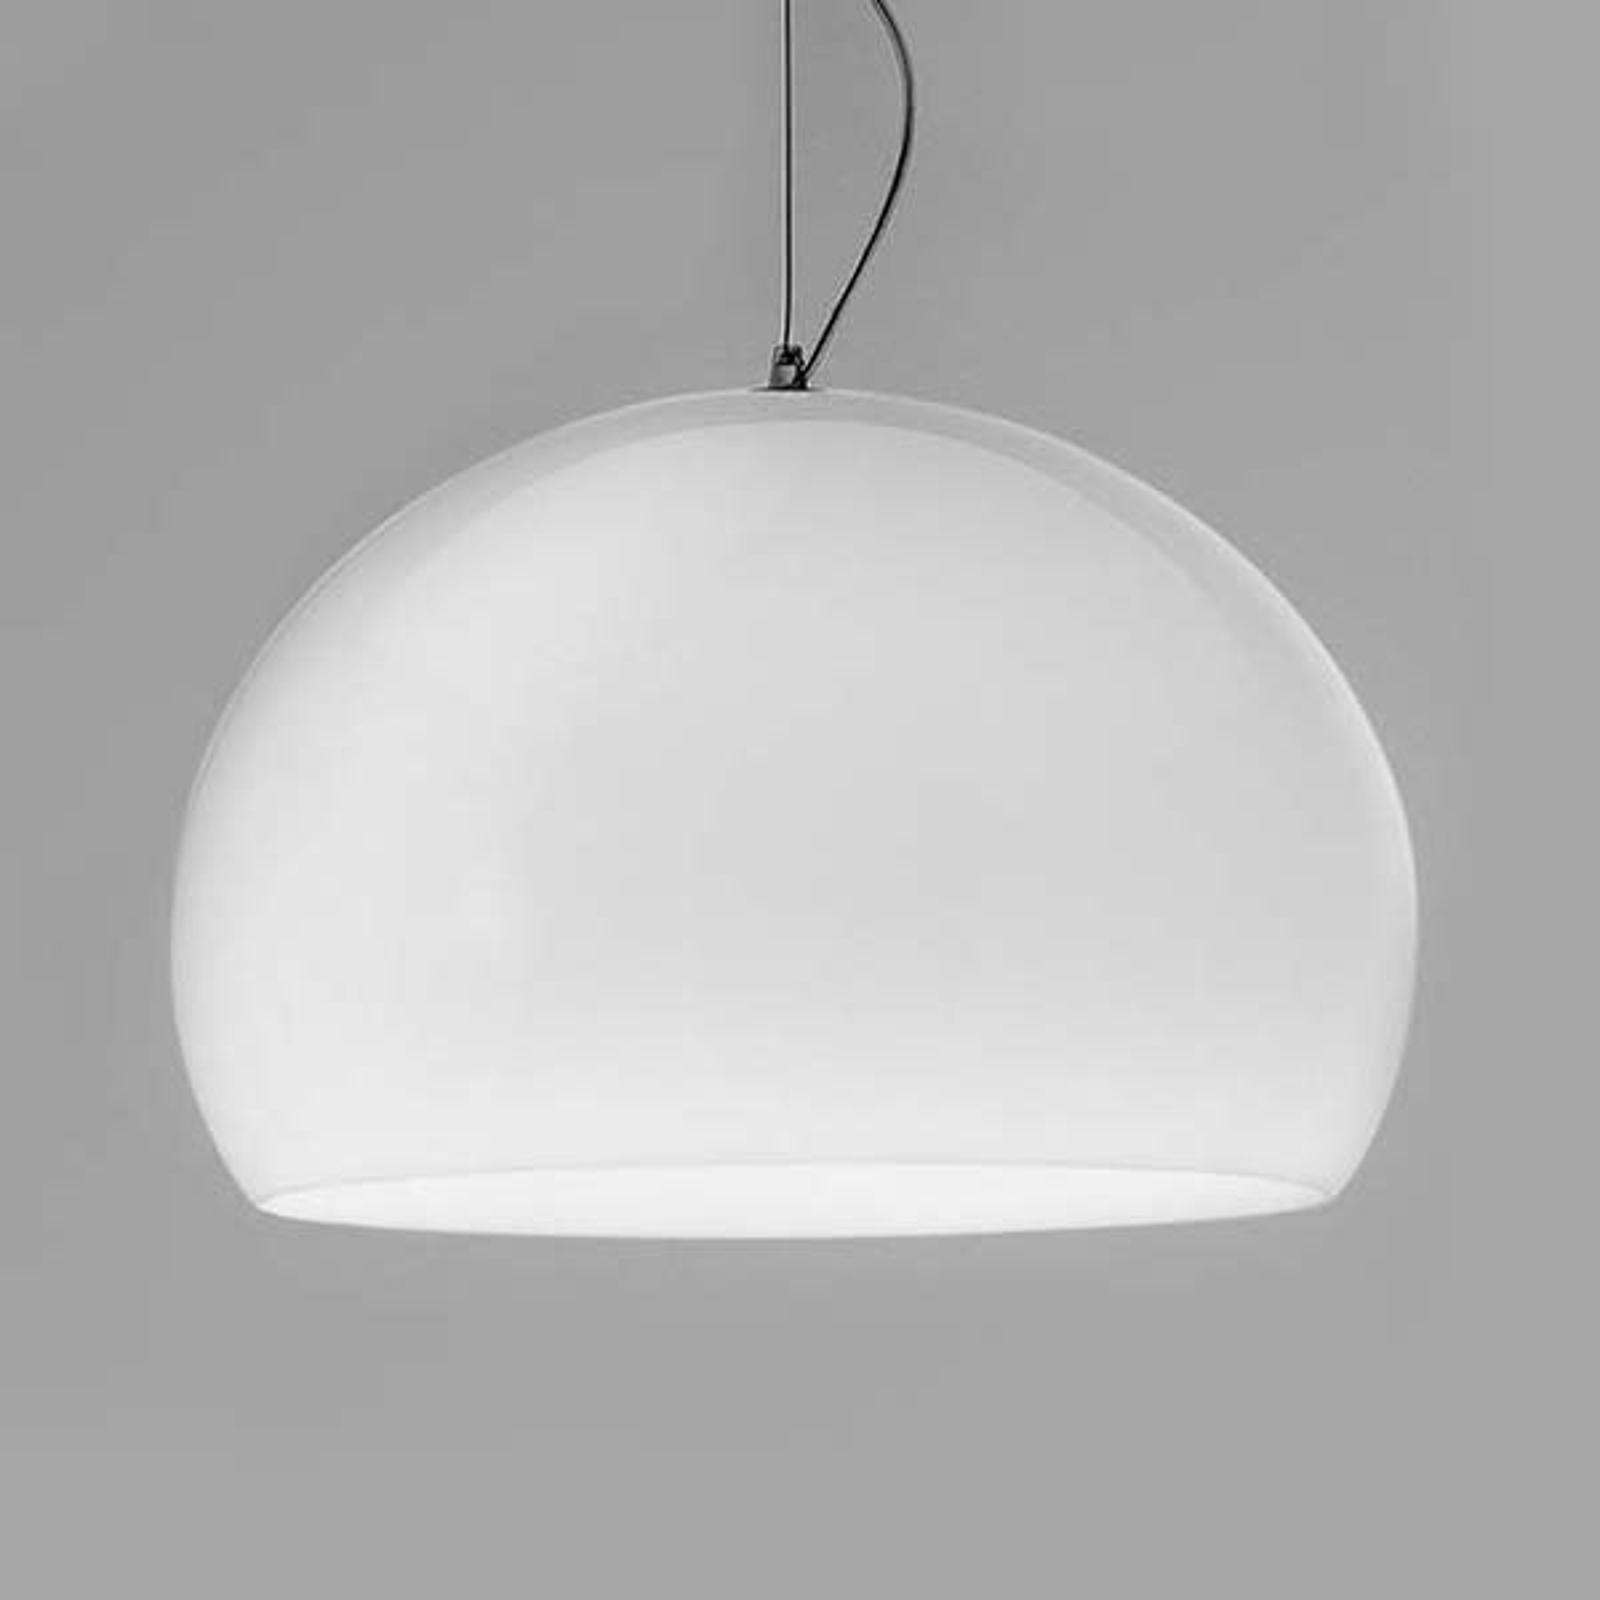 Kartell FL/Y - LED-Pendellampe, weiß glänzend